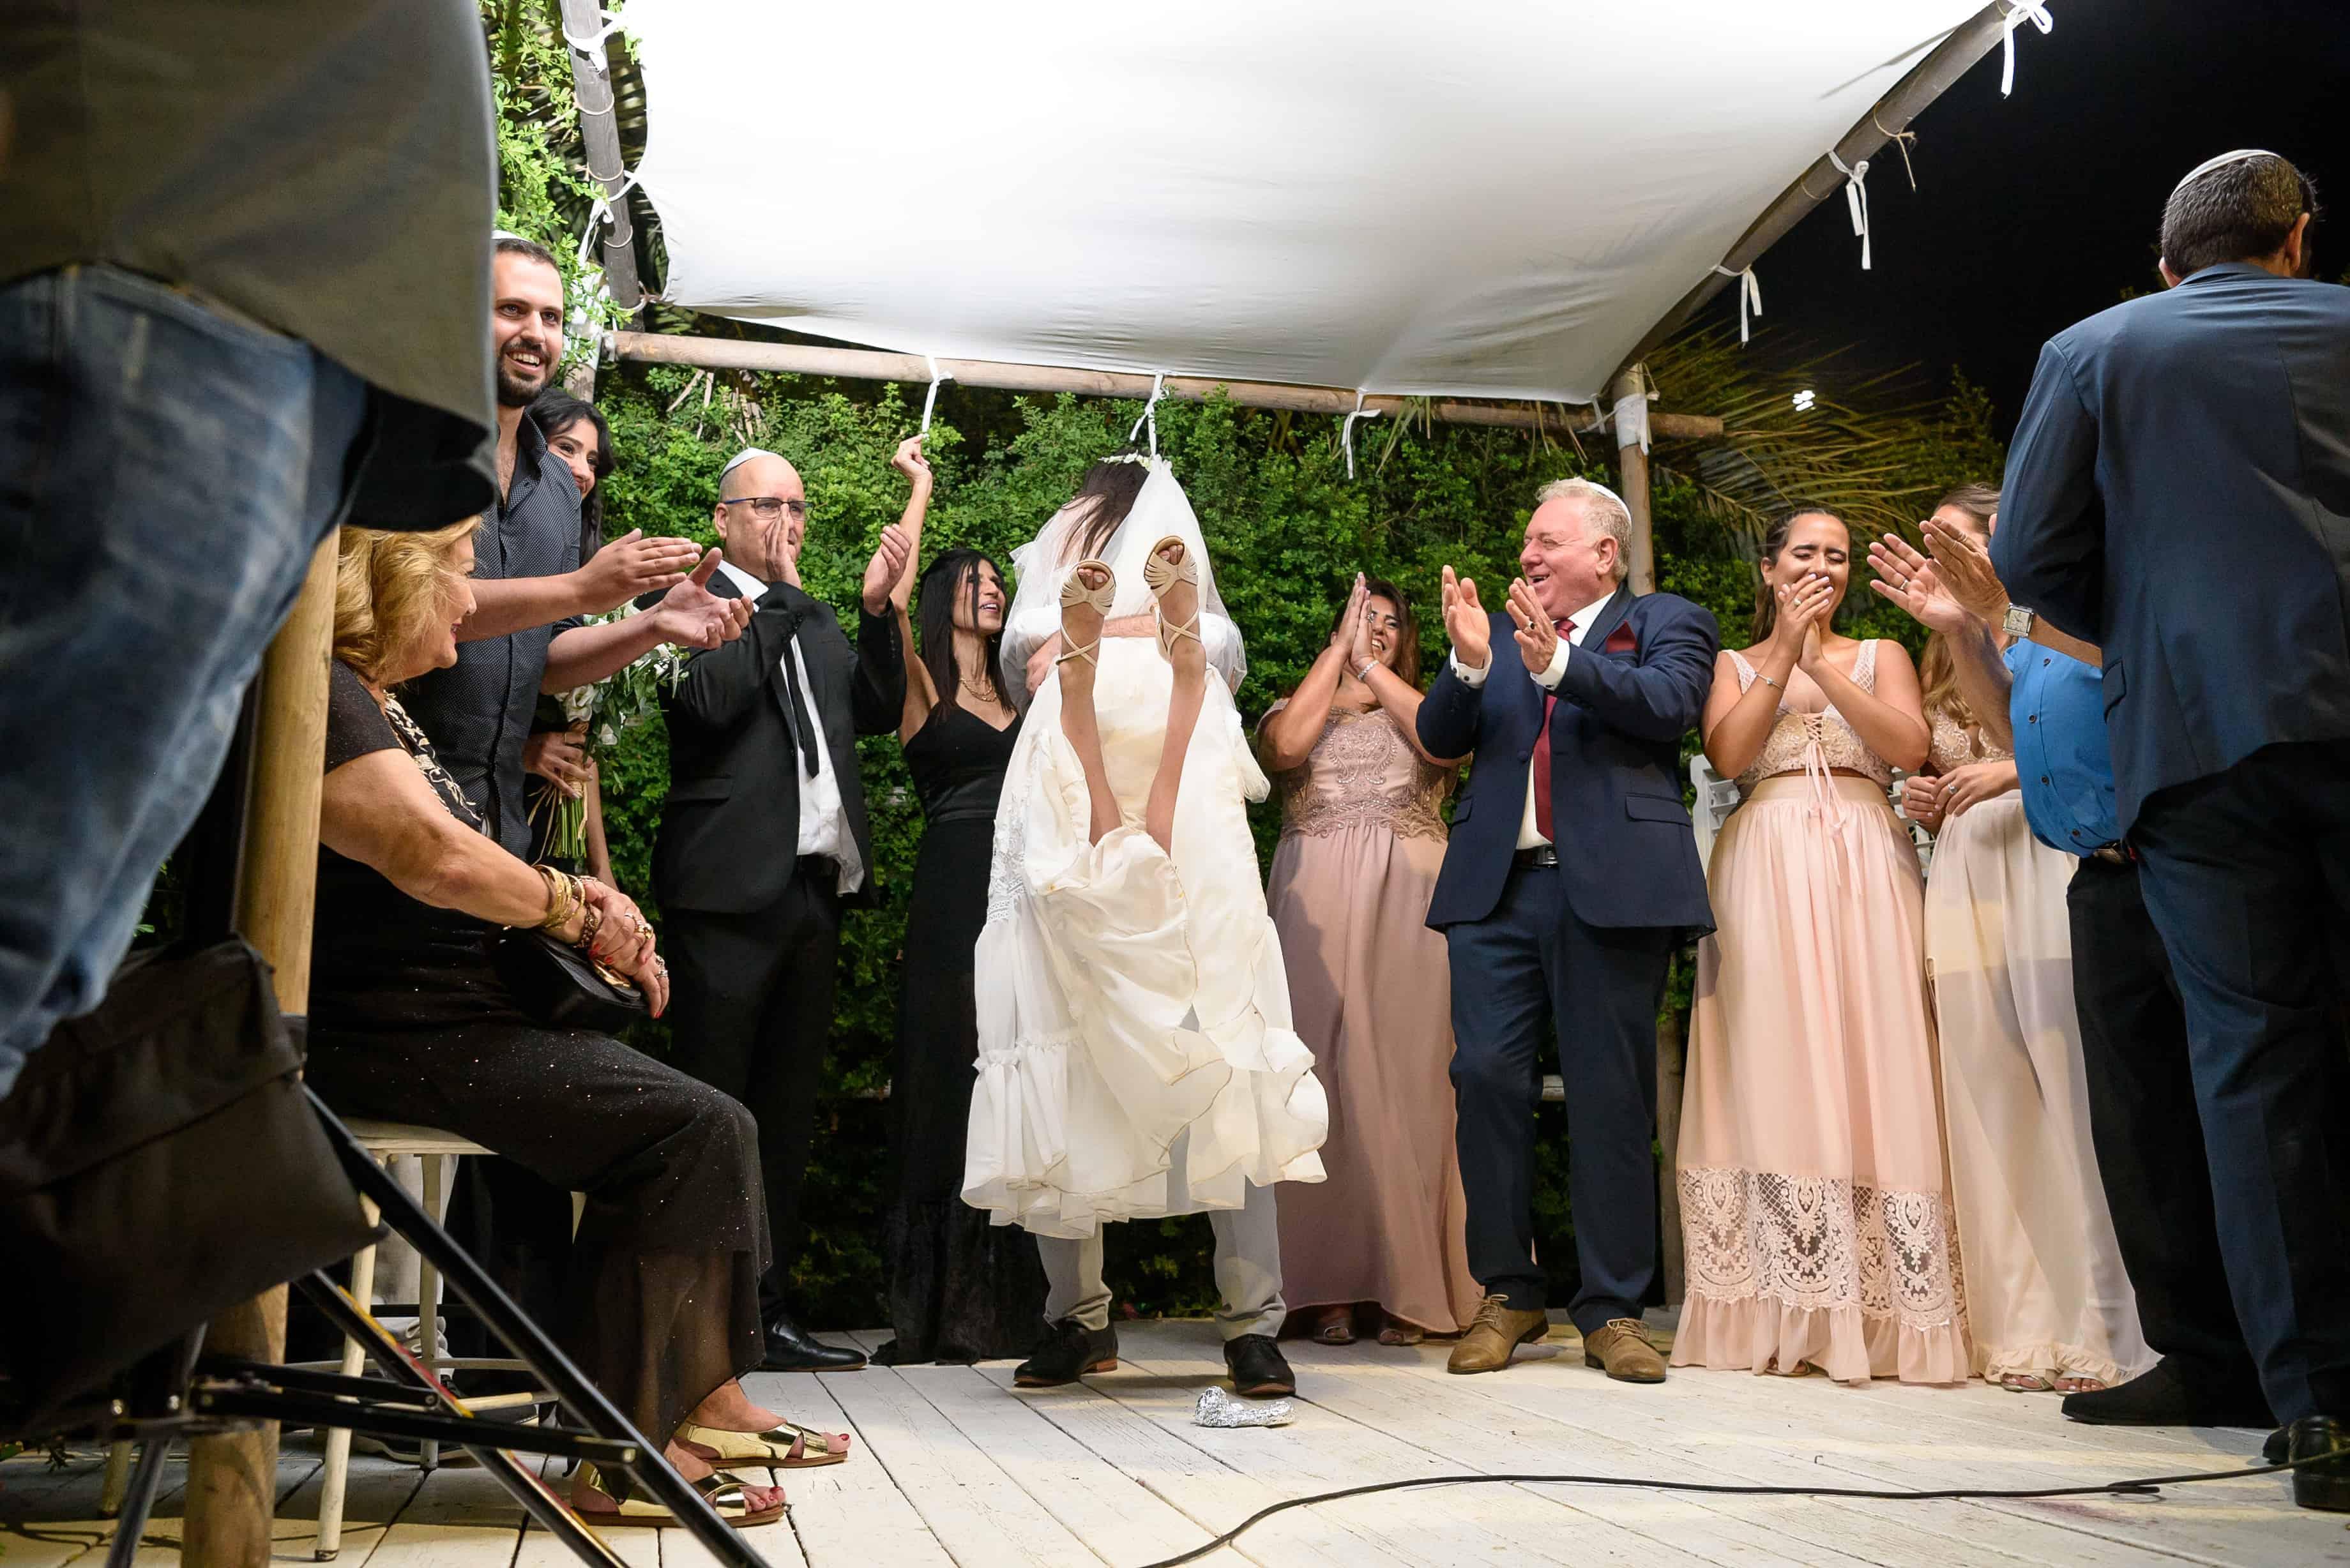 צלם חתונות | צלמים לחתונה